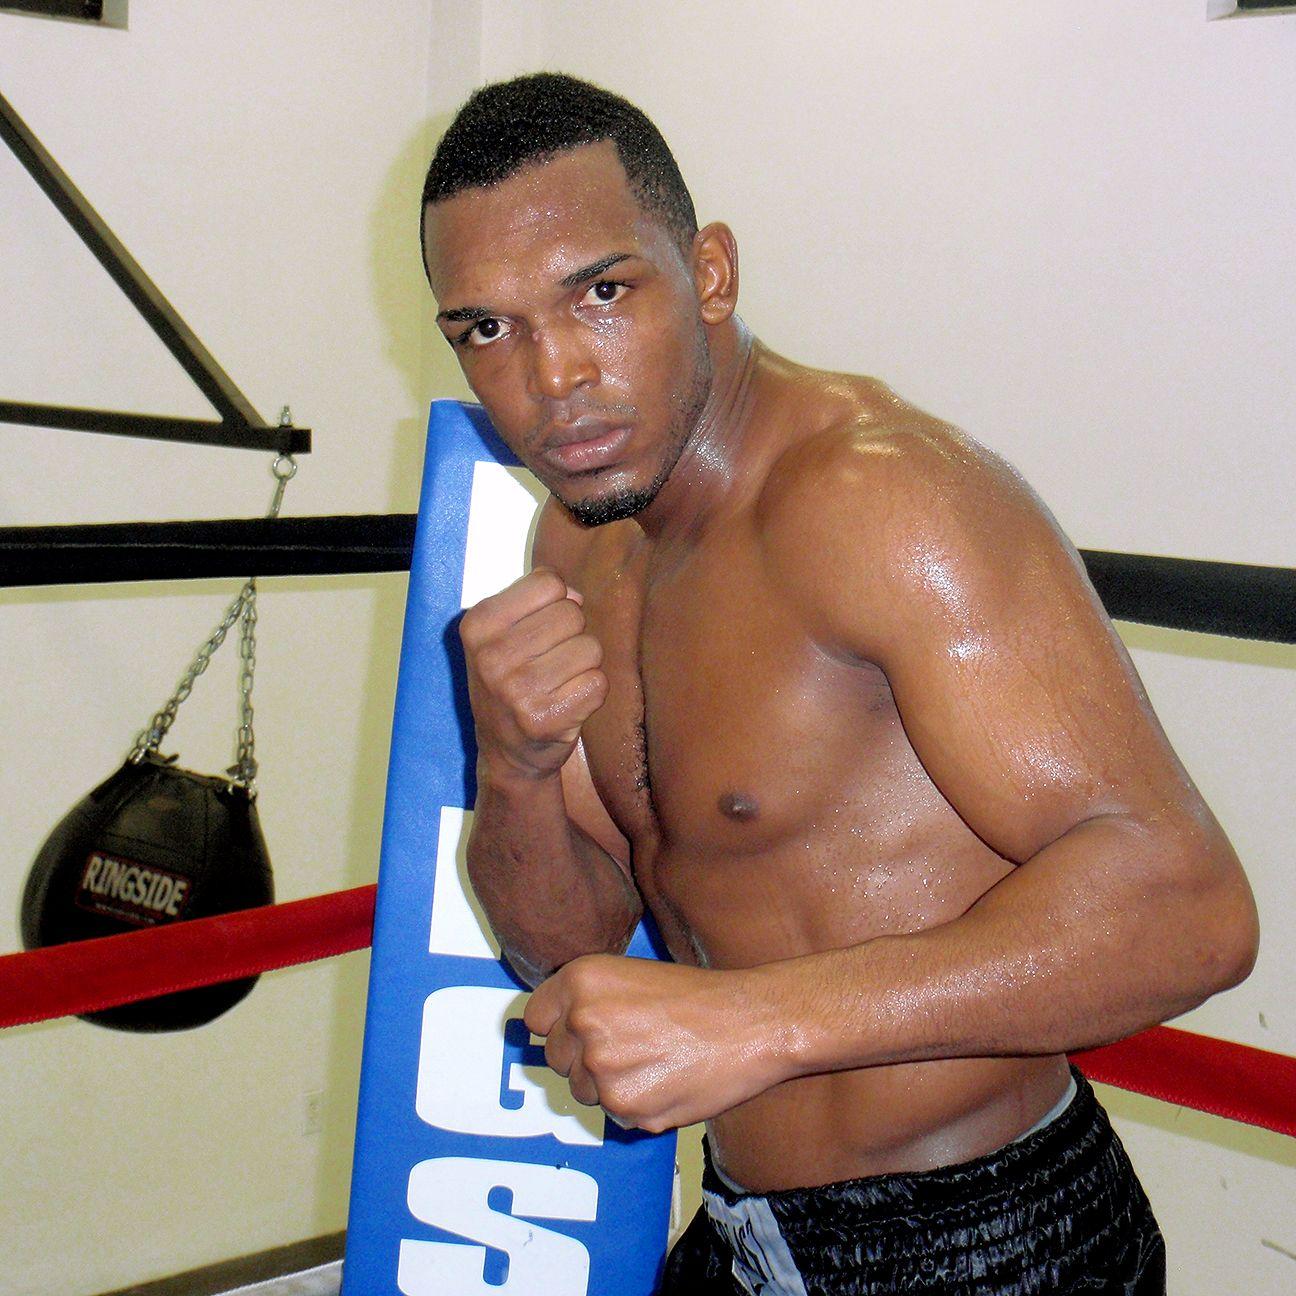 IBF готова обязать Геннадия Головкина драться с американцем Туреано Джонсоном (1)